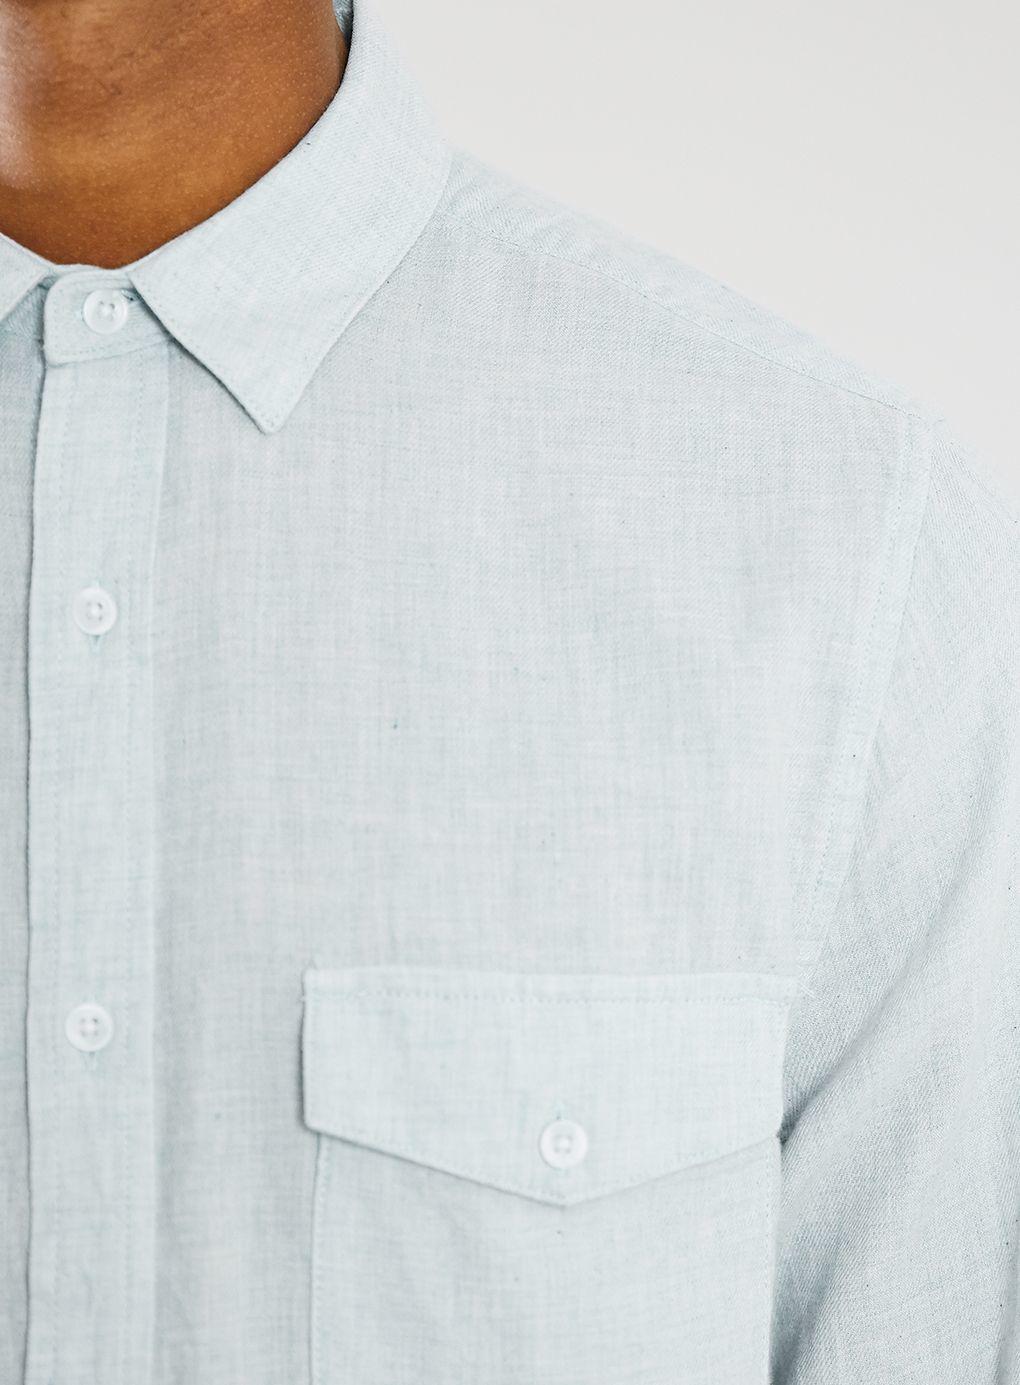 Topman Long Sleeve Flannel Shirt In Blue For Men Lyst